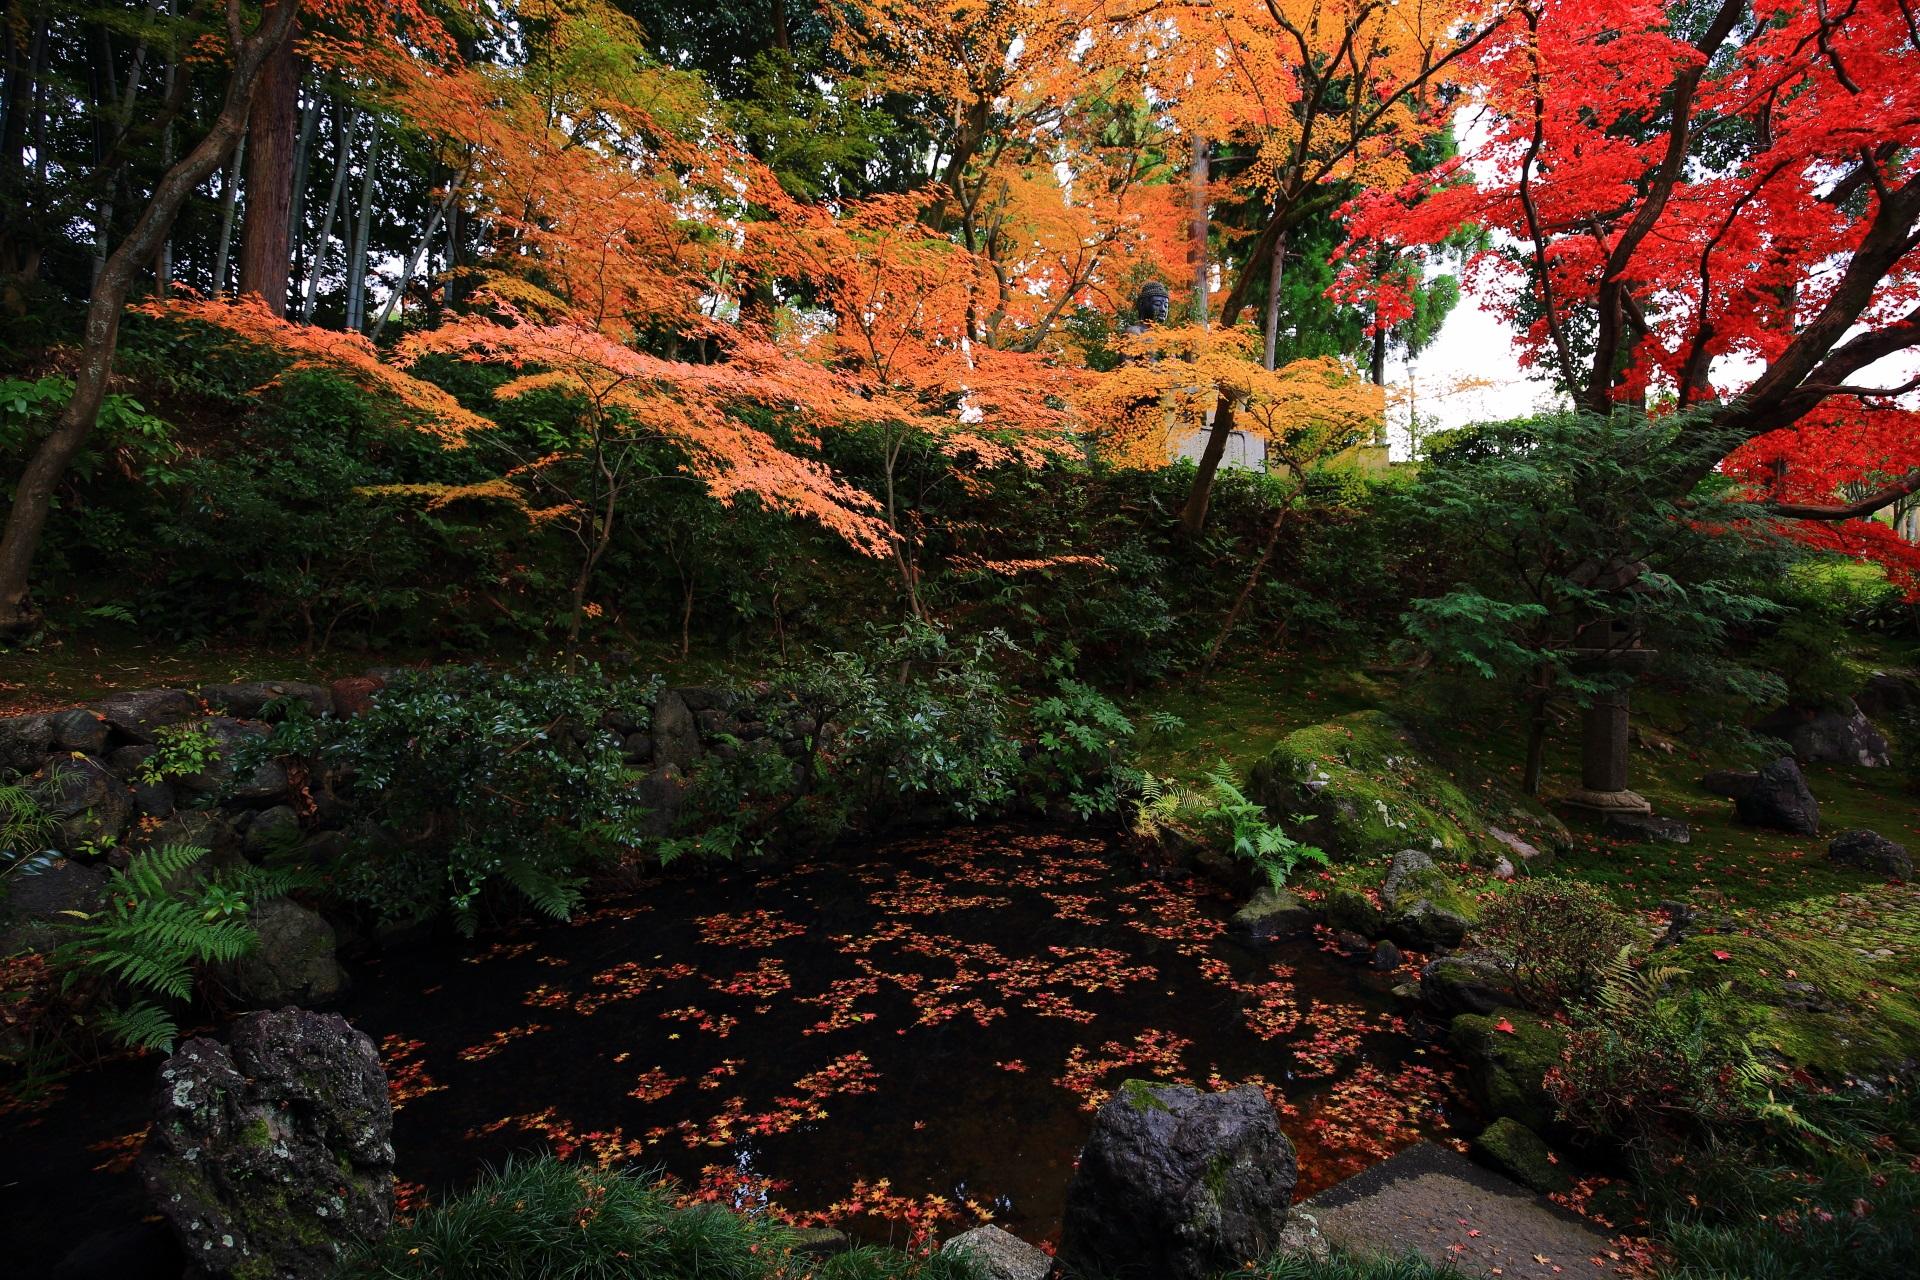 オレンジ色の紅葉がより濃く色づいた池泉式庭園